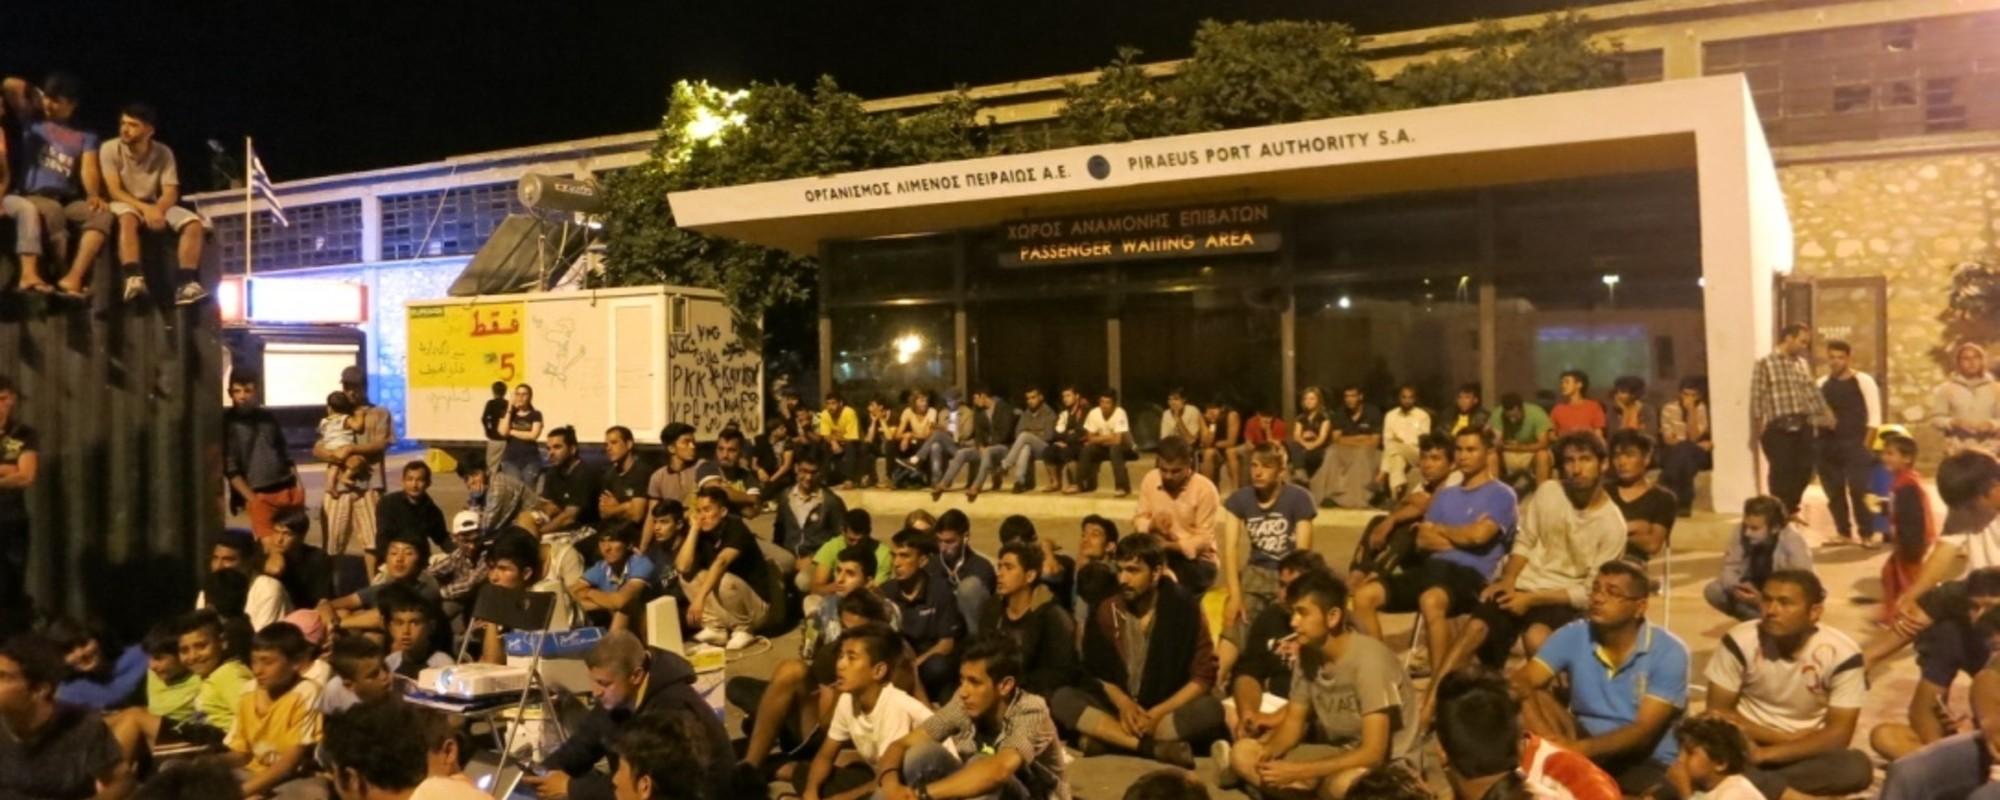 Das Champions League Finale im Flüchtlingscamp von Piräus